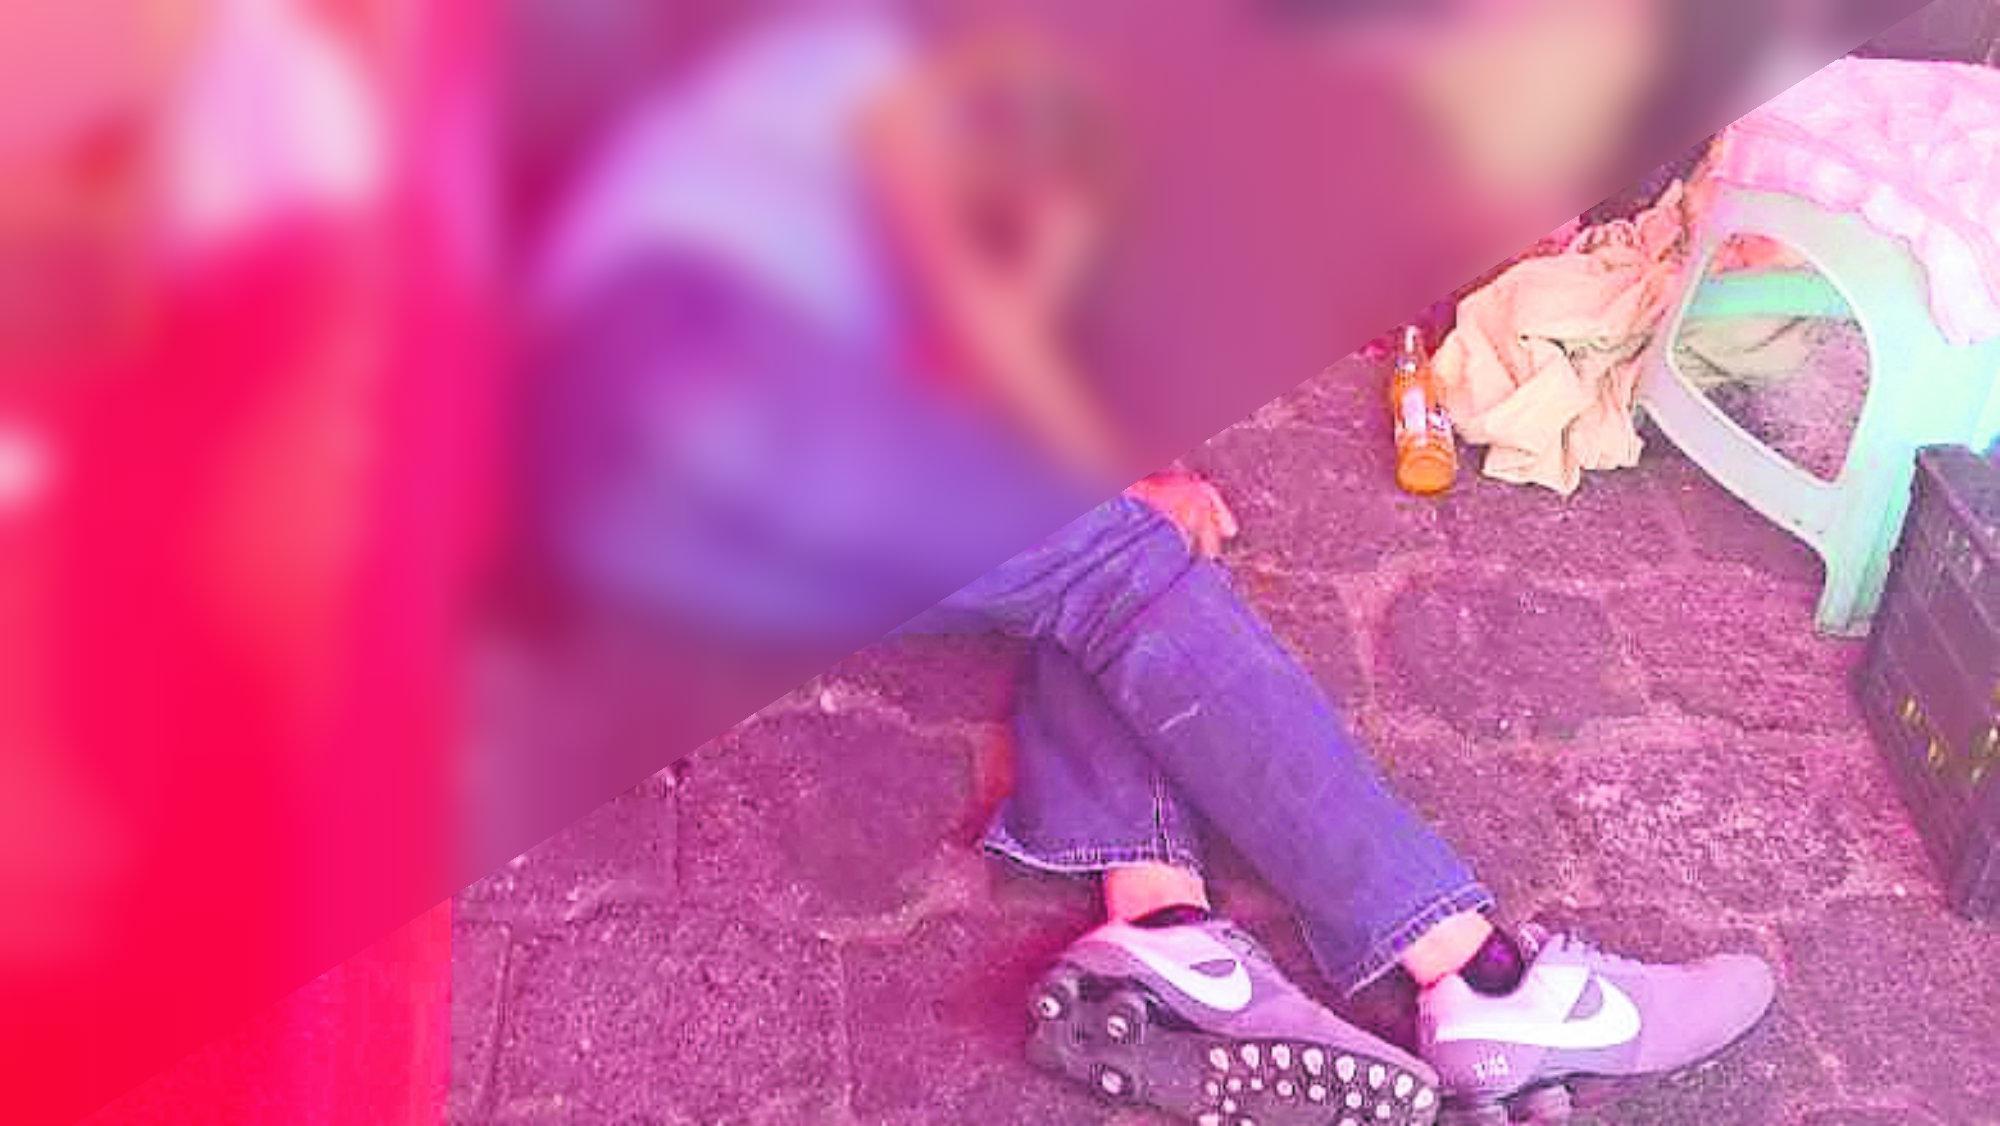 Muere joven Puesto de tacos Acechan a joven CDMX Iztapalapa